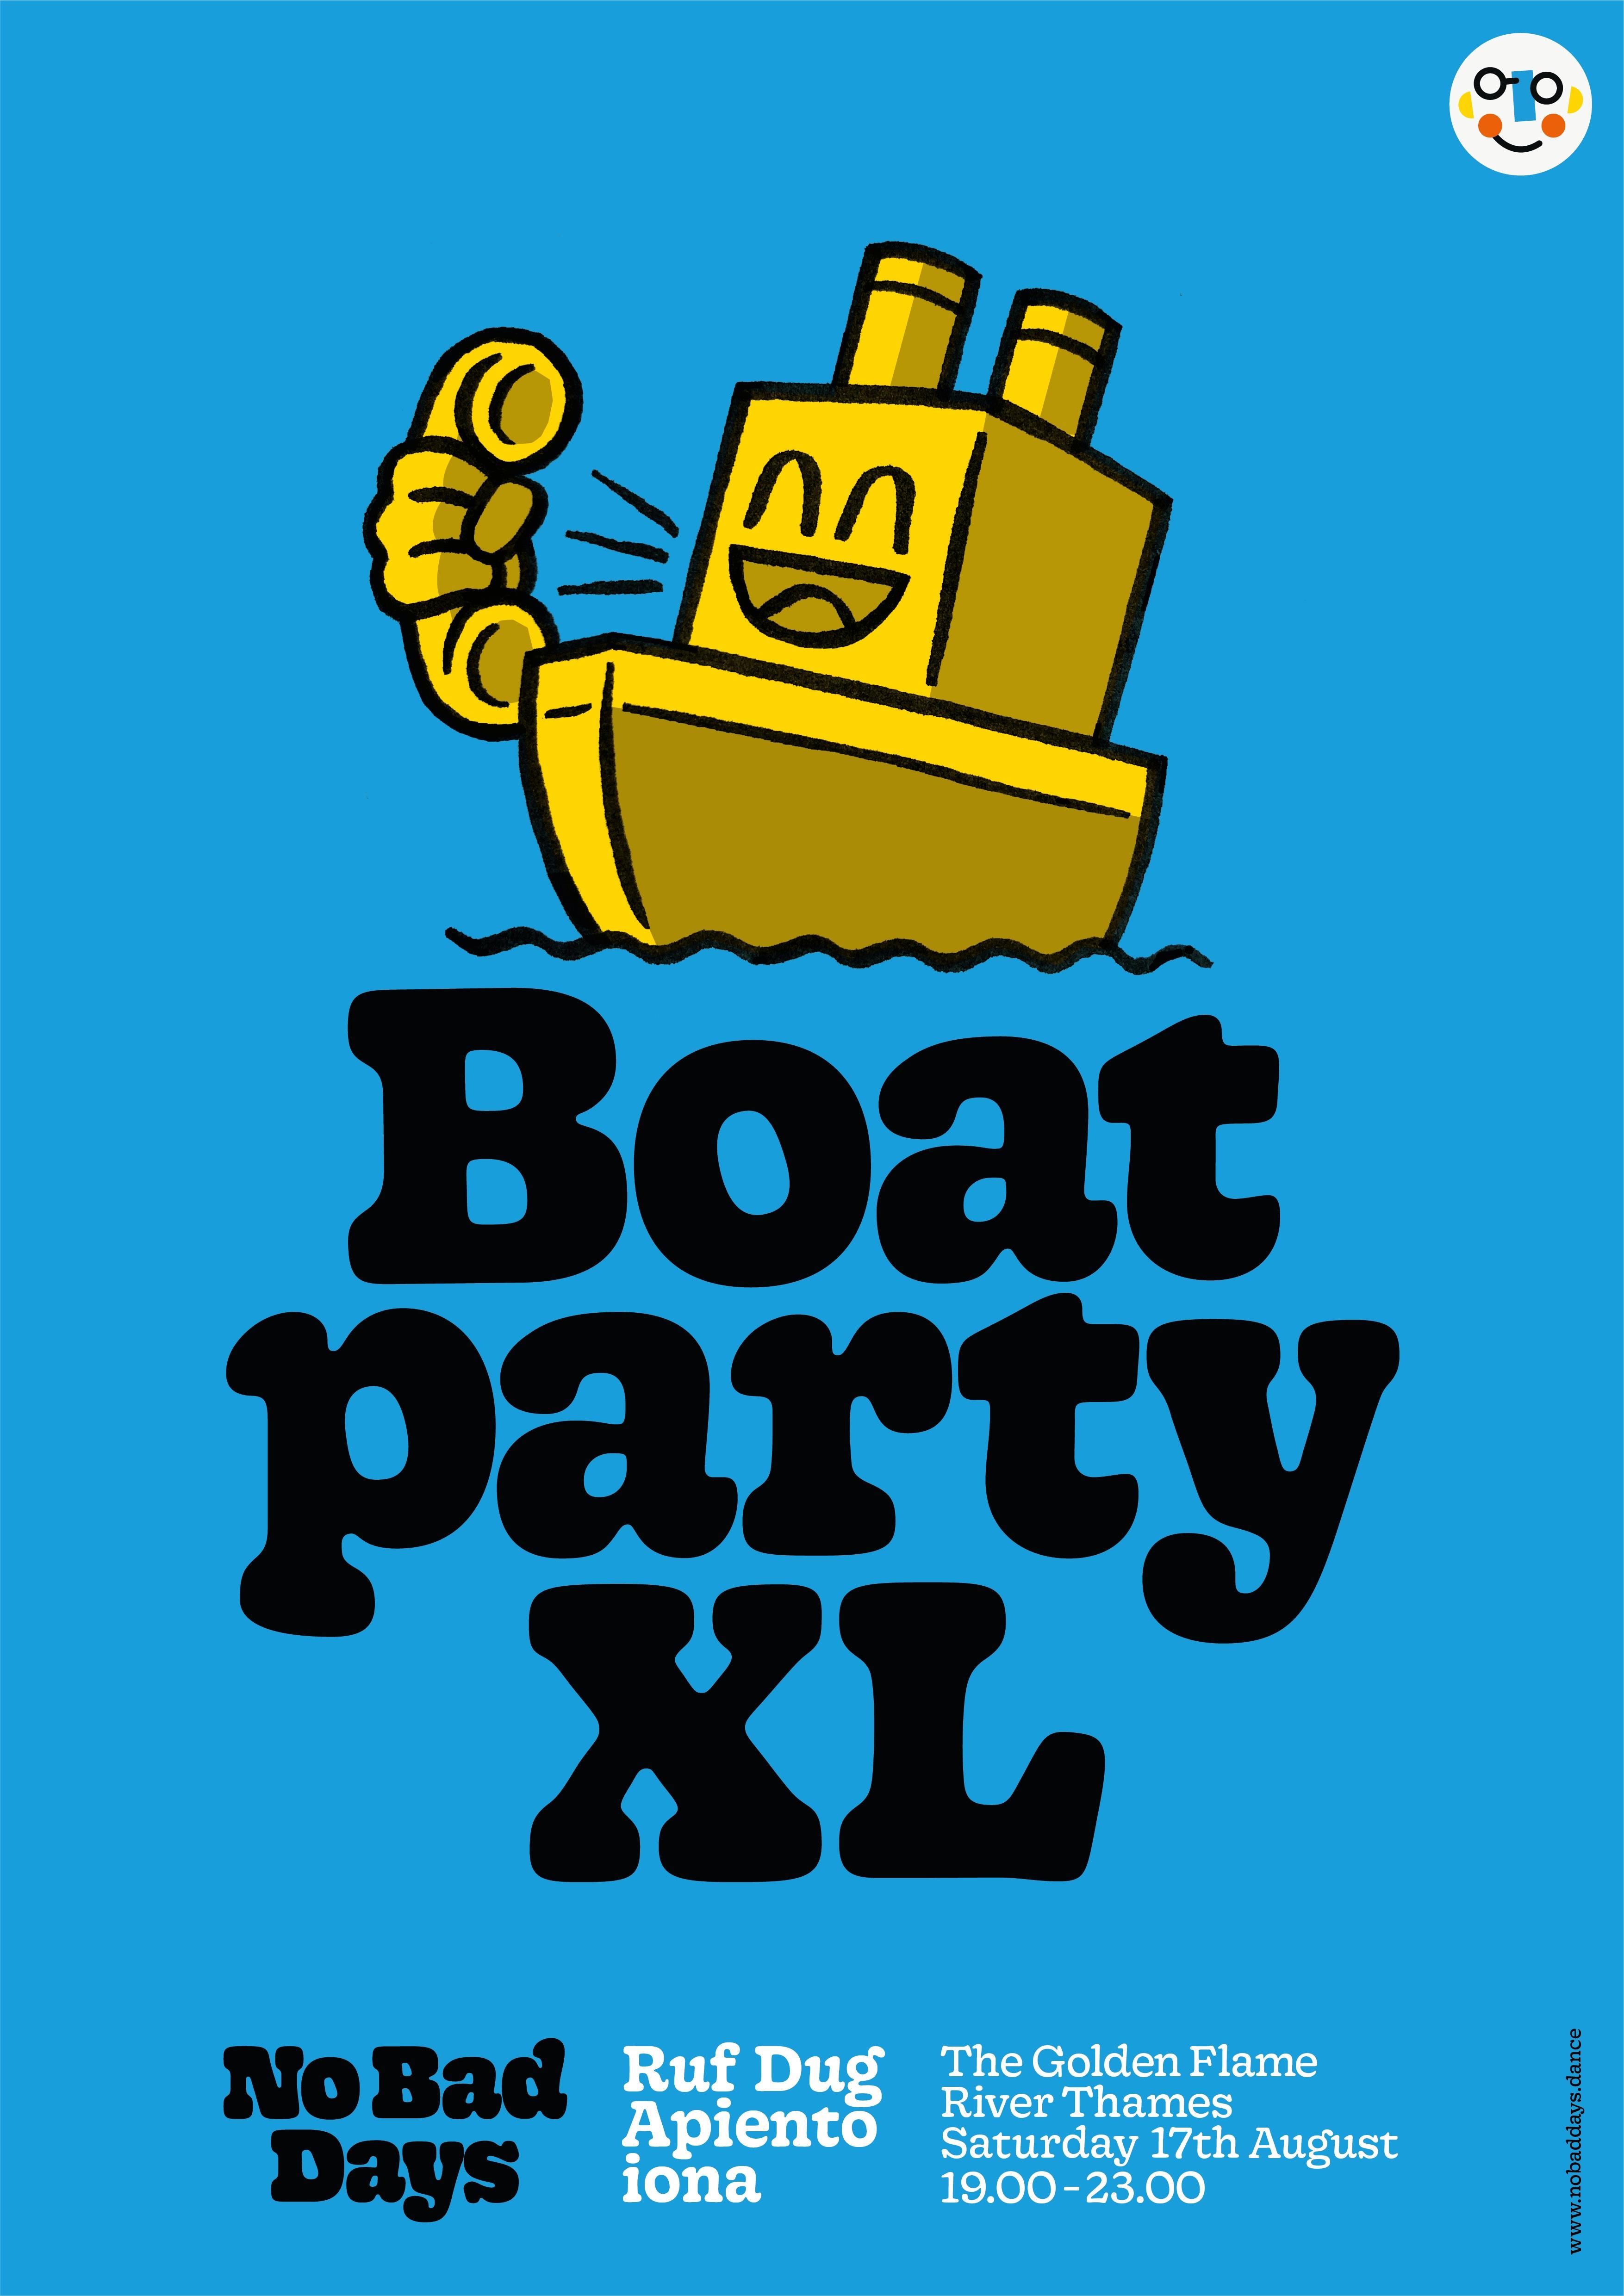 apiento, boat party, dj, iona, XL, No Bad Days